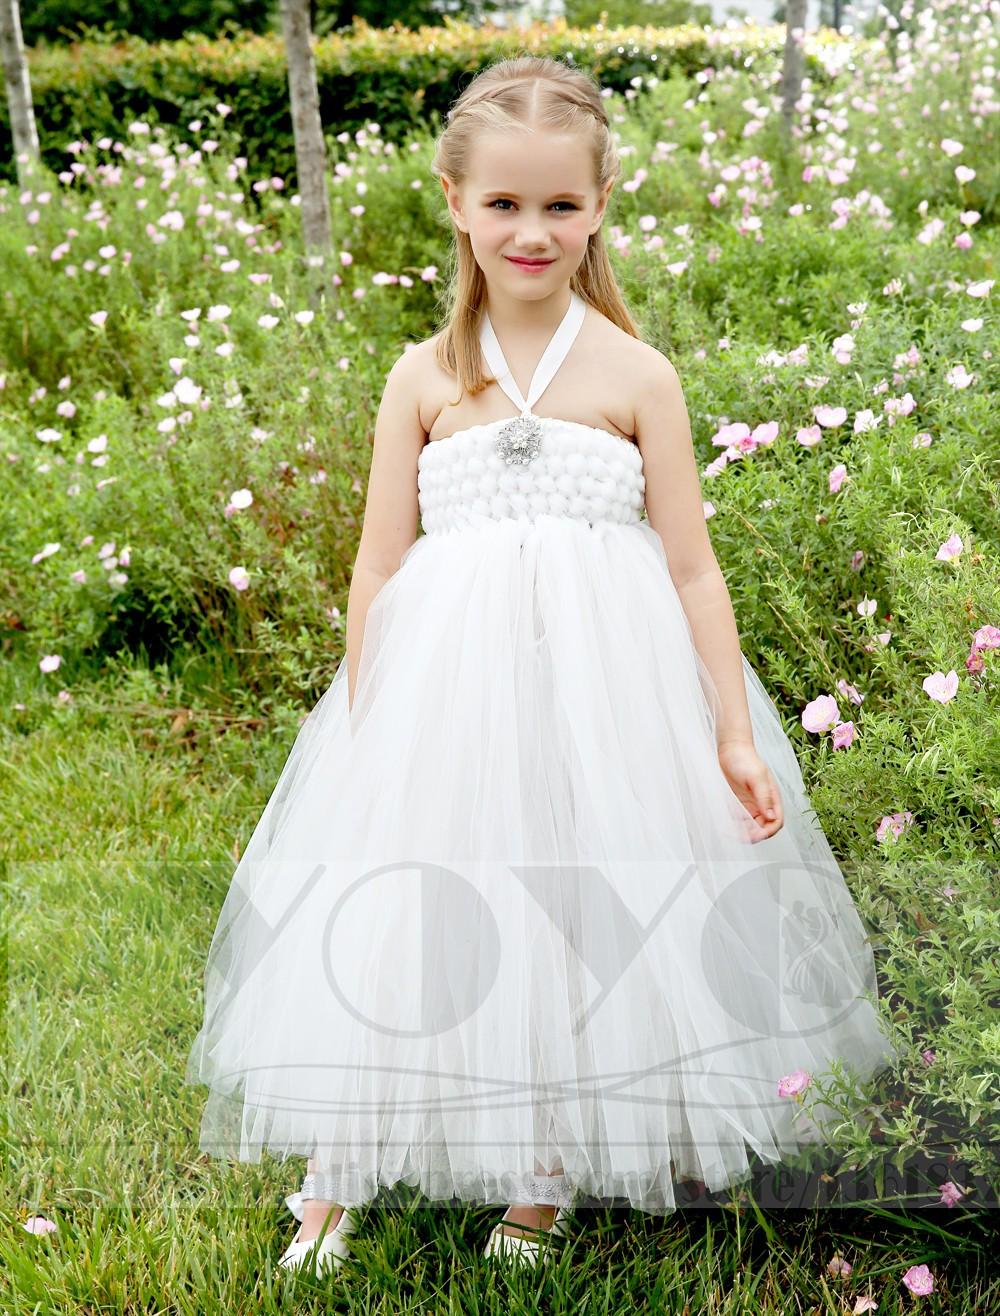 Скидки на Мода Кот маленькие девочки платья со стразами элегантный дети девушки Театрализованное Платье формальный свадебные платья девушки цветка